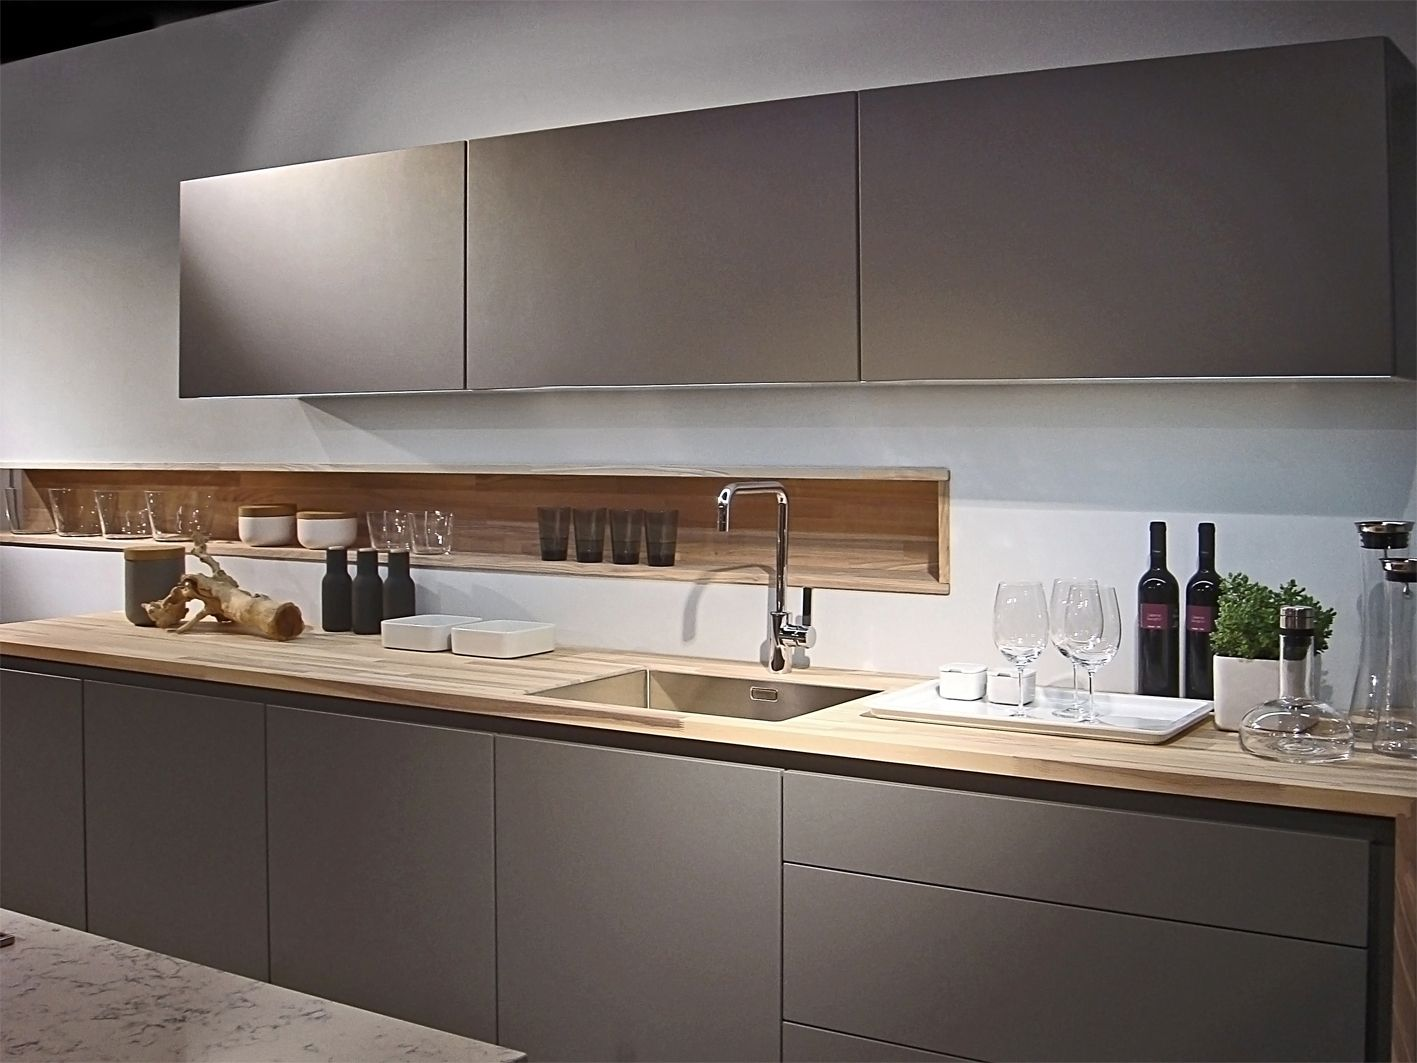 Farbe küchenfronten u zukünftige projekte pinterest cosy